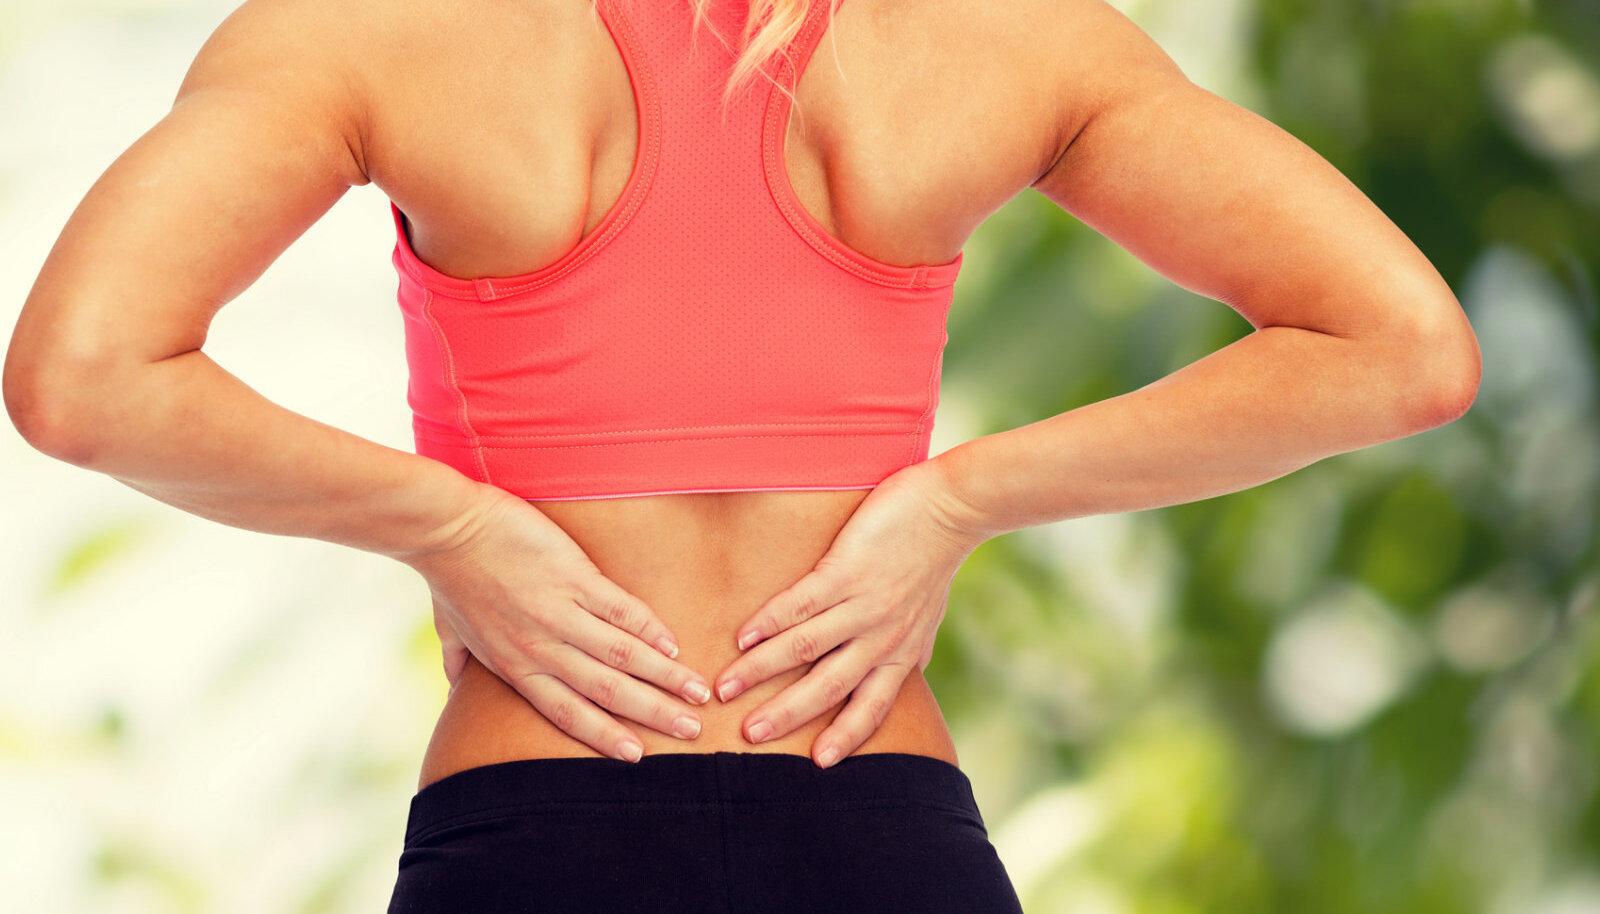 Liigeste ja veenide ravi Sorme liigeste arendamine parast kahju